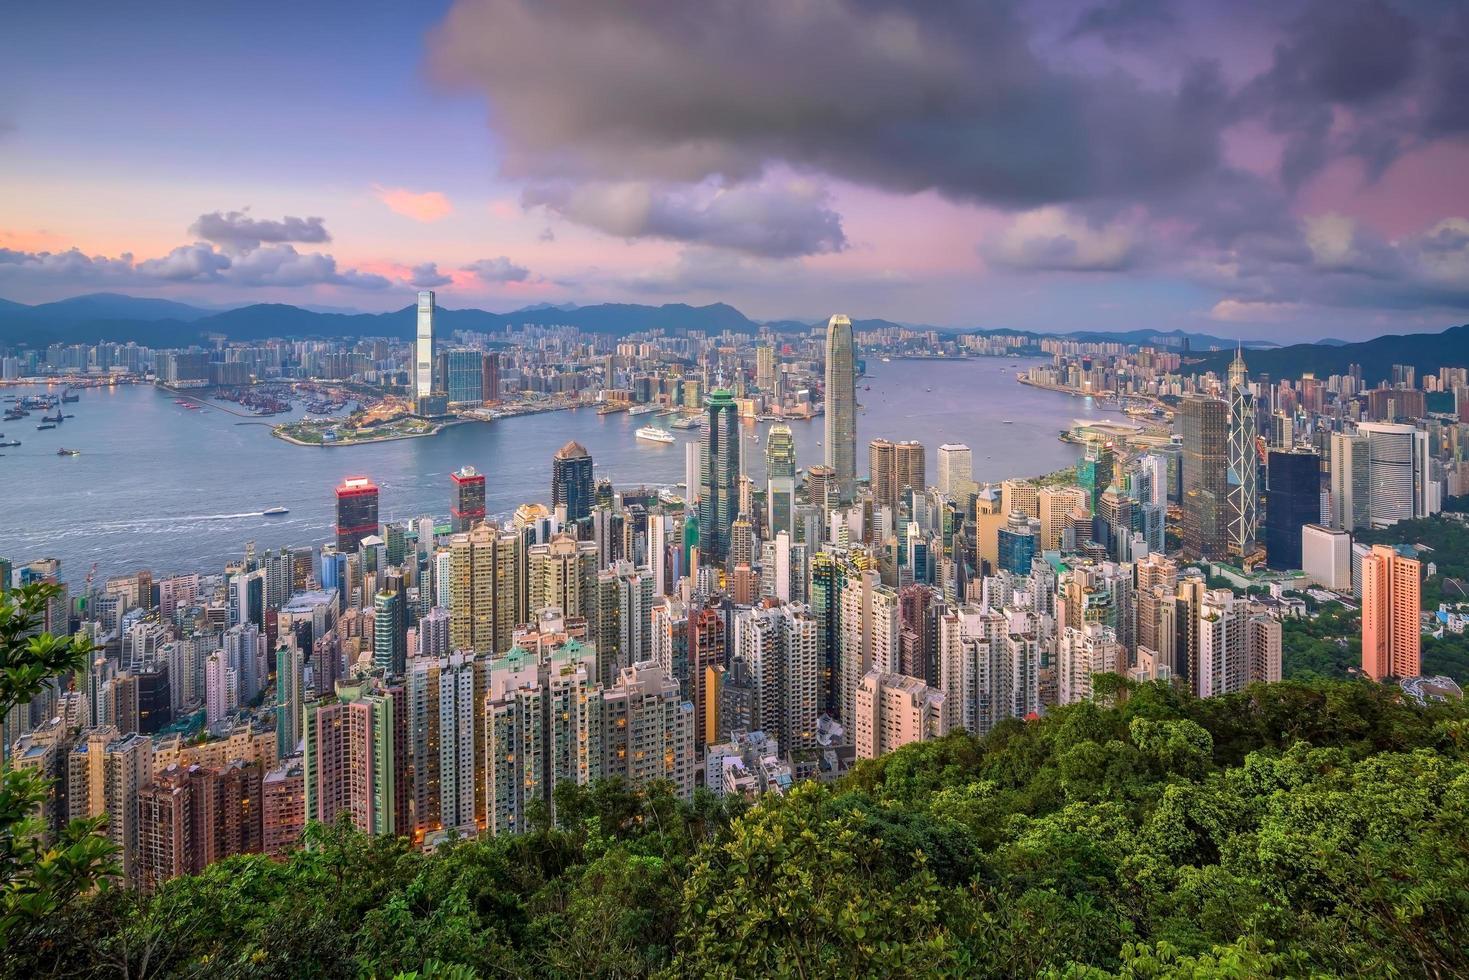 Victoria Harbor in Hong Kong photo